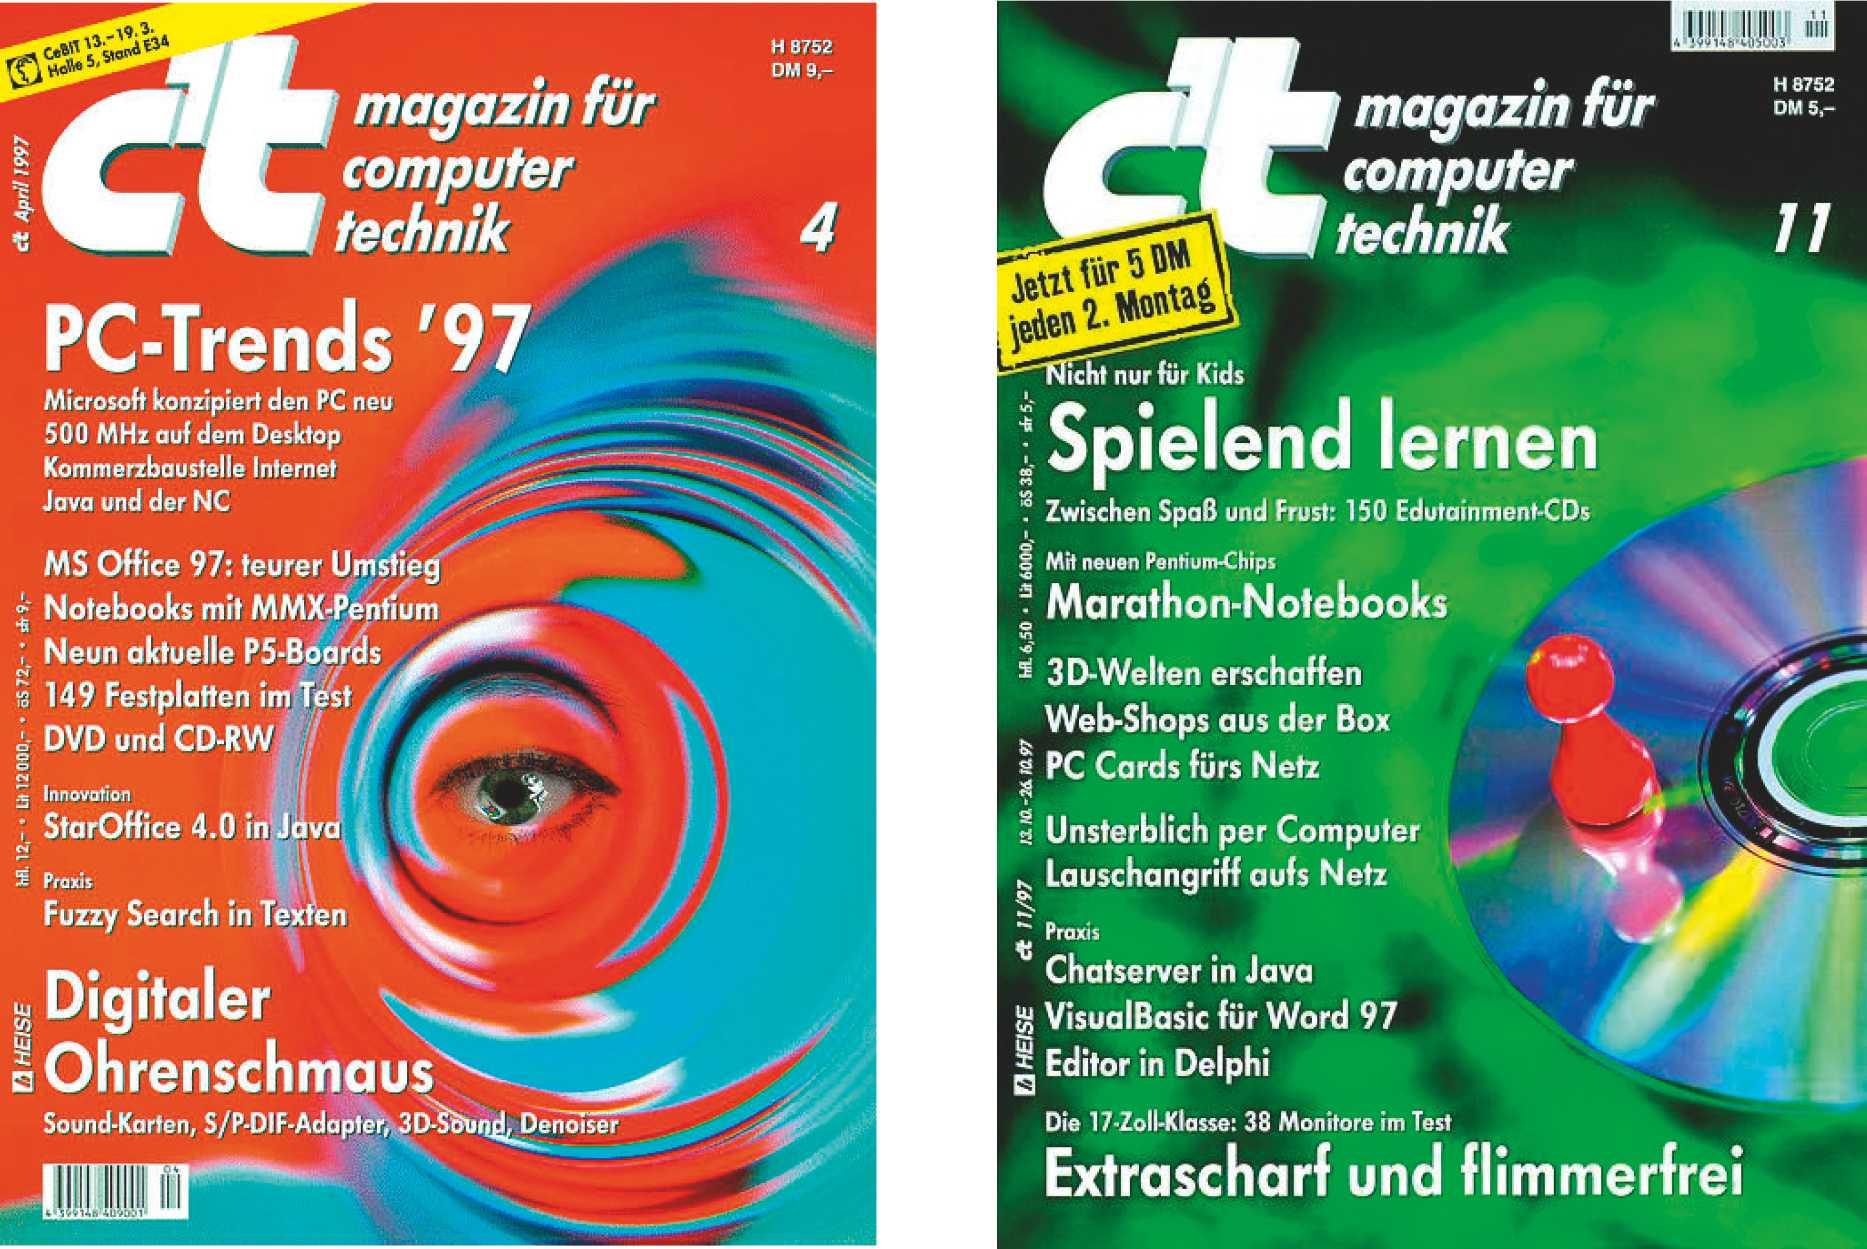 Heft 4/1997 umfasste stolze 614 Seiten. So konnte es nicht weitergehen. Ende des Jahres erschien dann die erste c't im 2-Wochen-Rhythmus (11/1997).